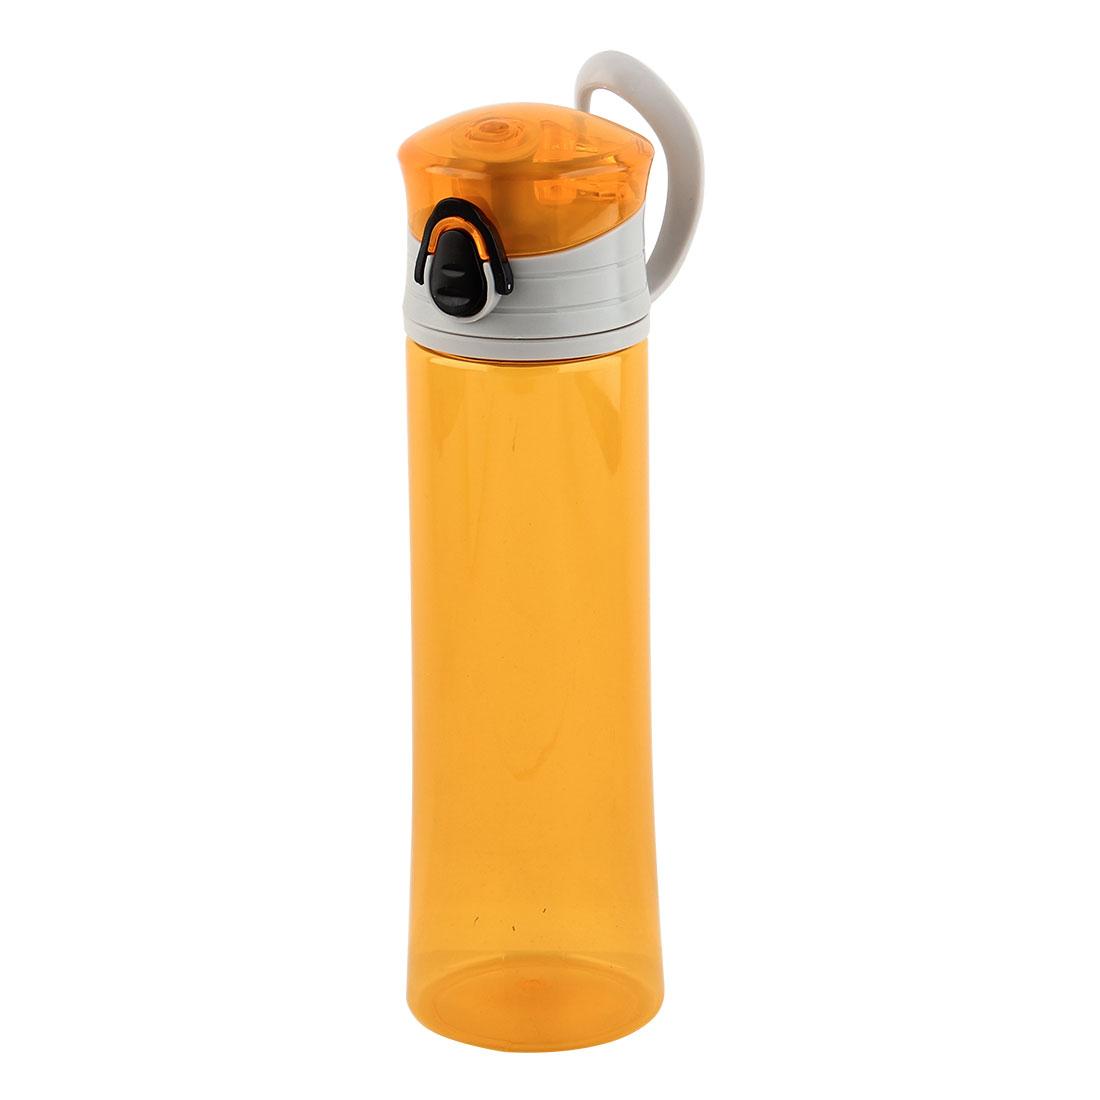 Plastic Portable Water Bottle Fruit Juice Mug Biking Driving Canteen Travelling Hiking Kettle Orange 400ml